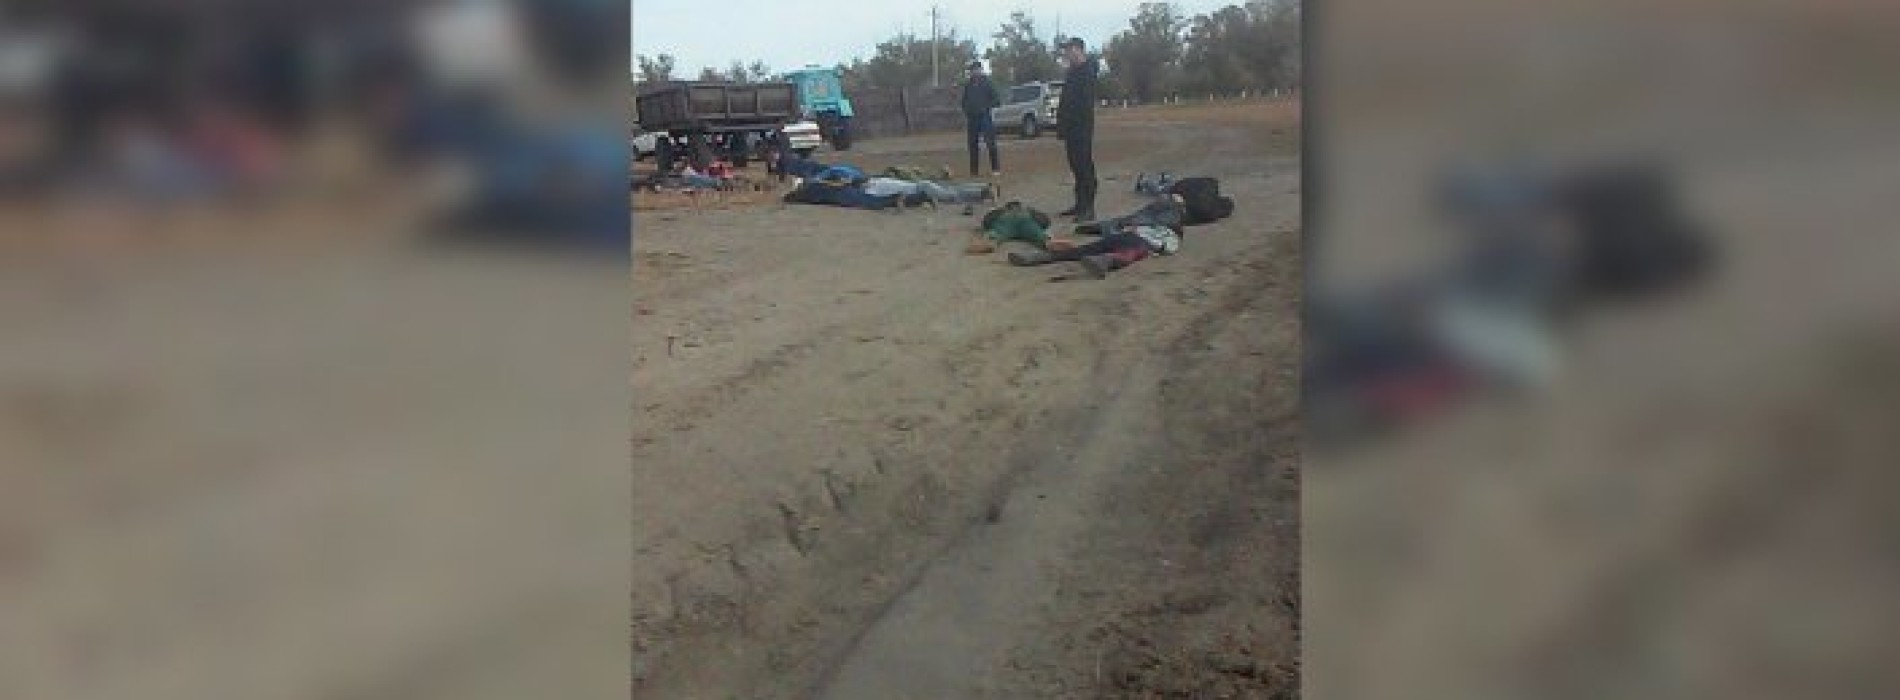 До 5 лет колонии грозит сотрудникам УБОП и СОБР за избиение сельчан в Павлодарской области